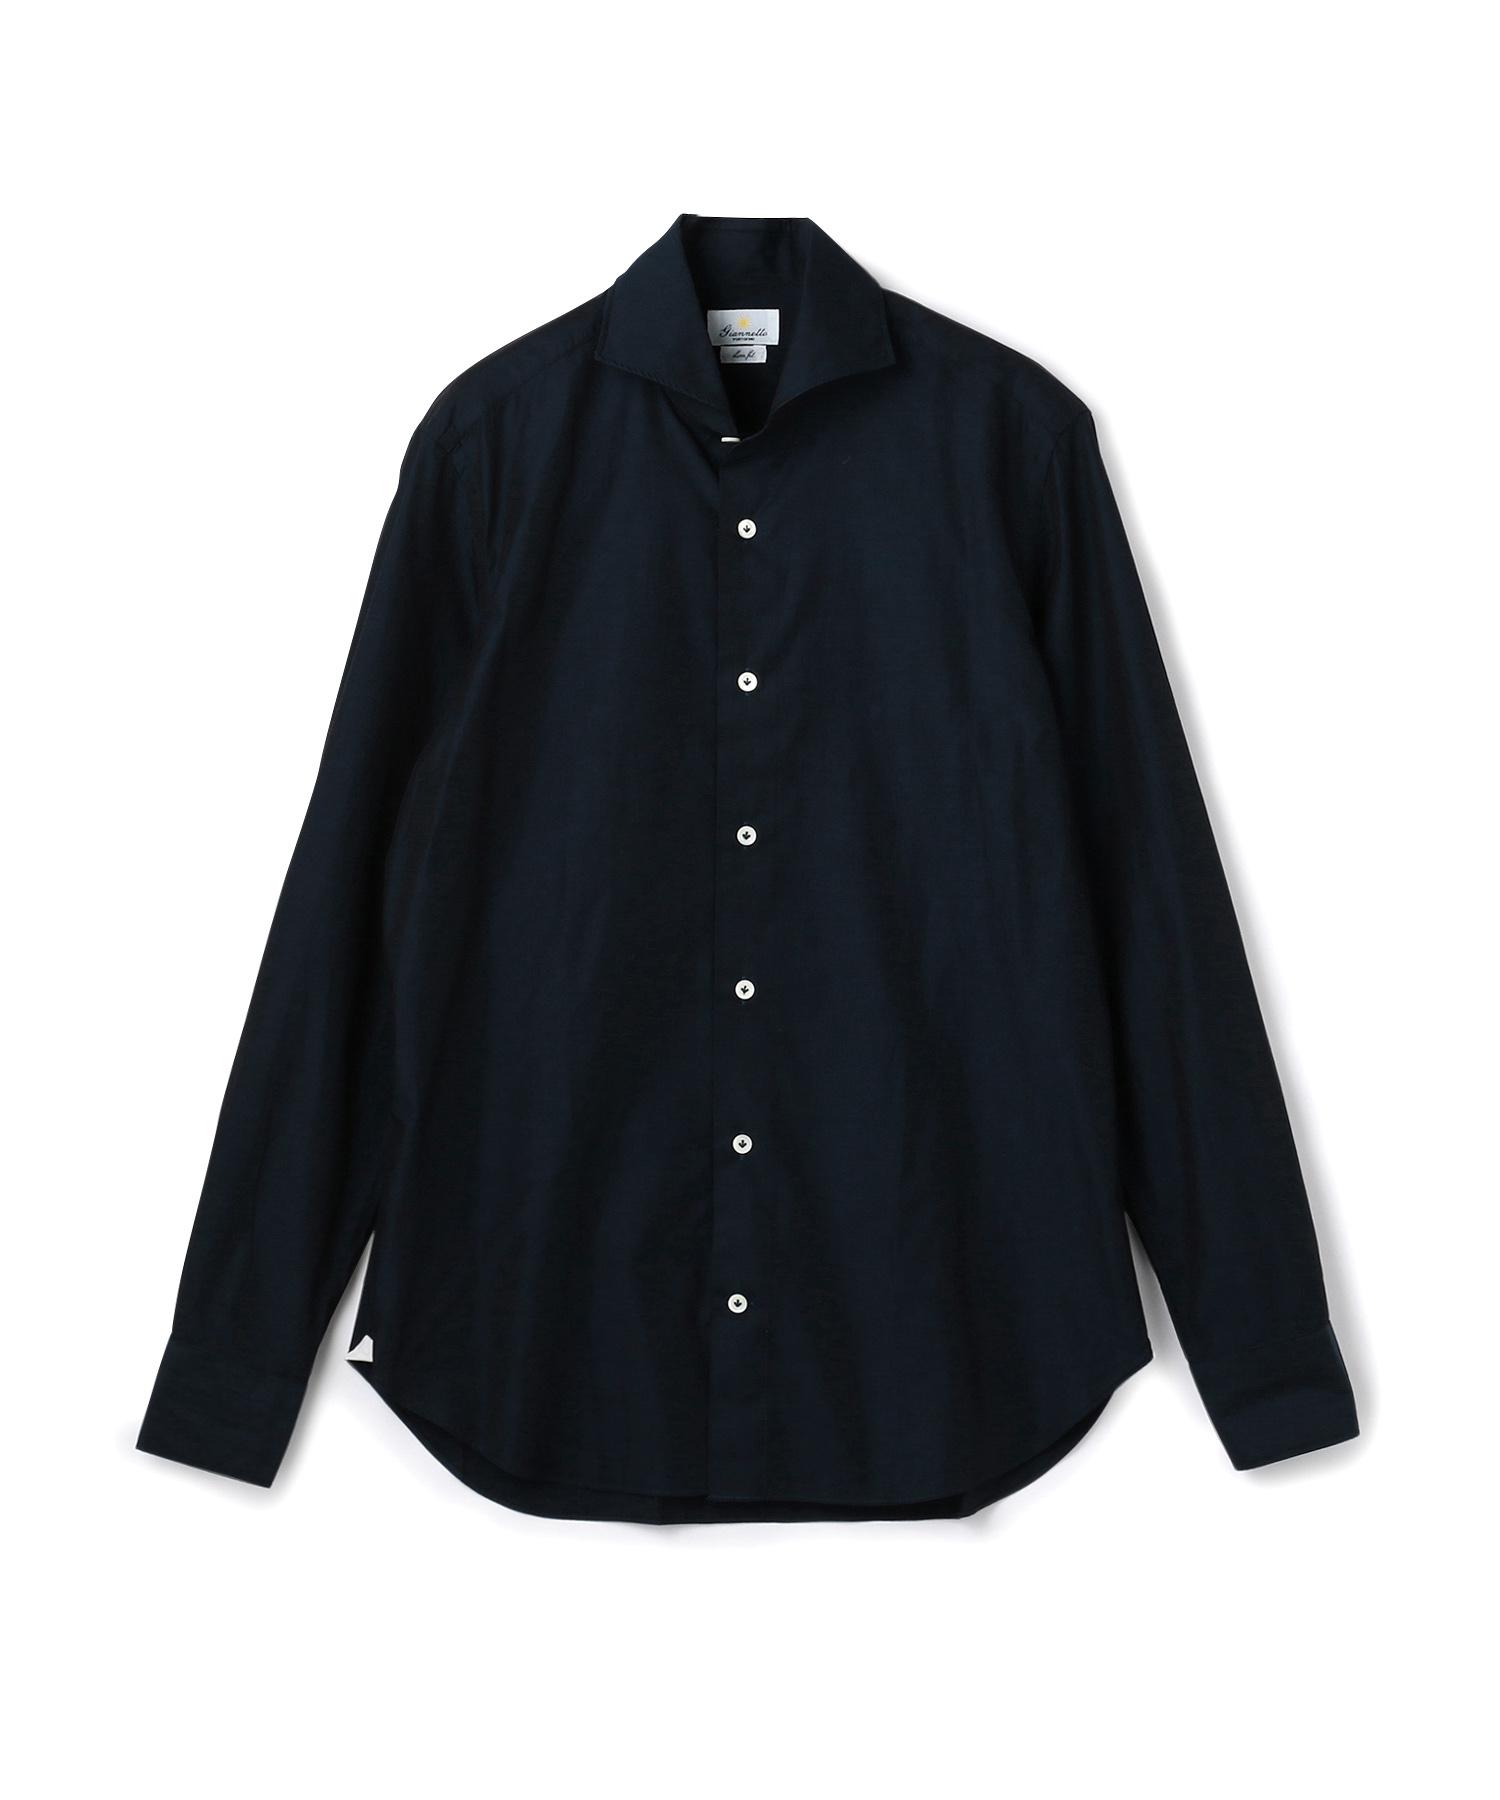 Giannetto ホリゾンタルカラーシャツ